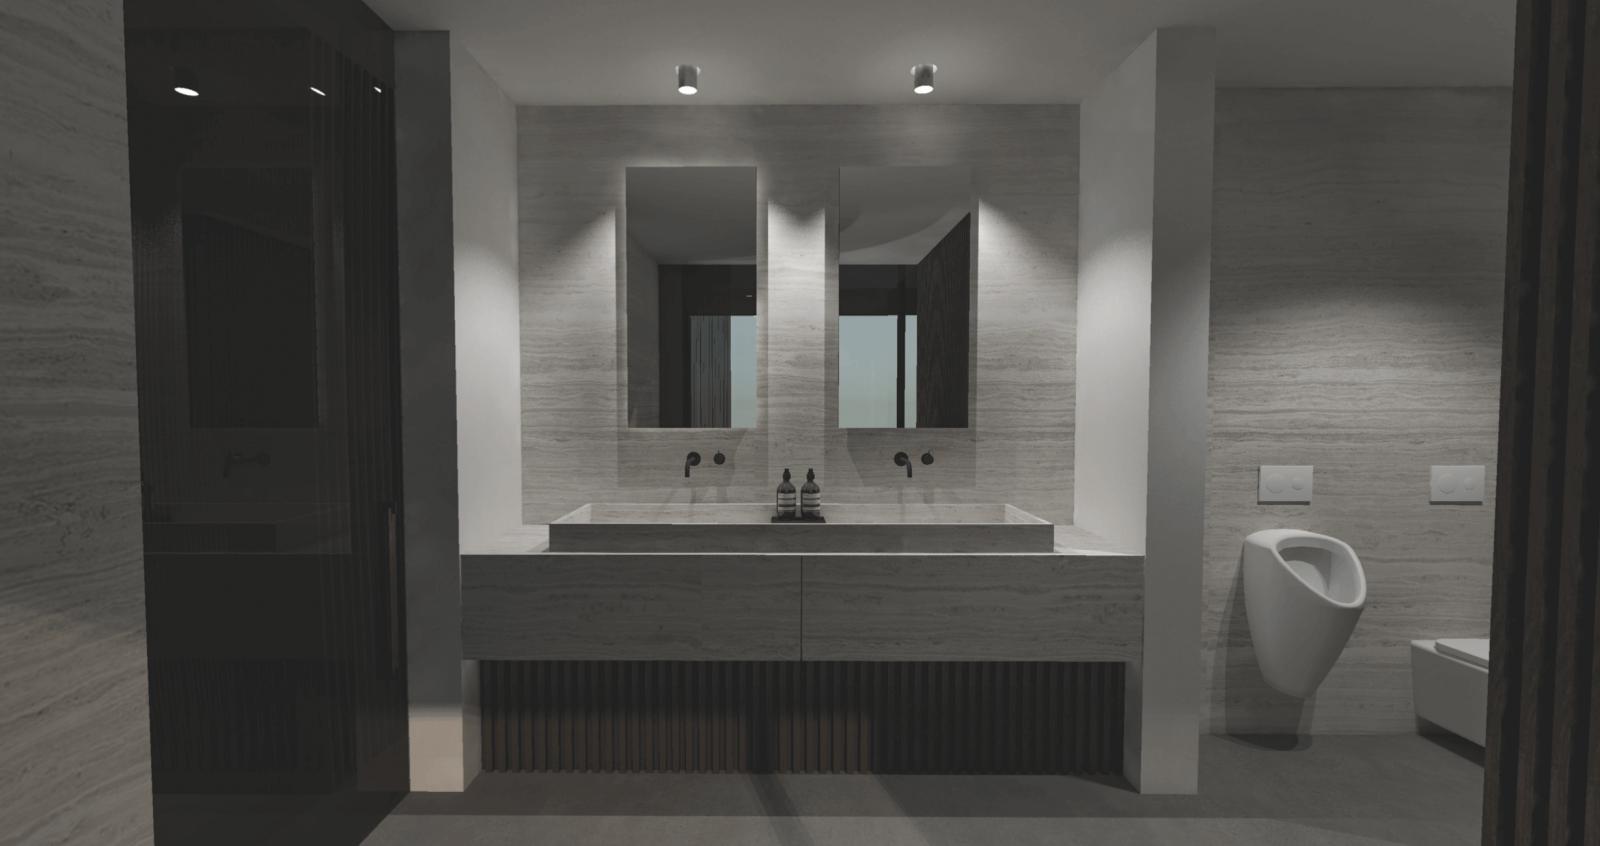 interieurontwerp vught luxe badkamer interieurarchtitect